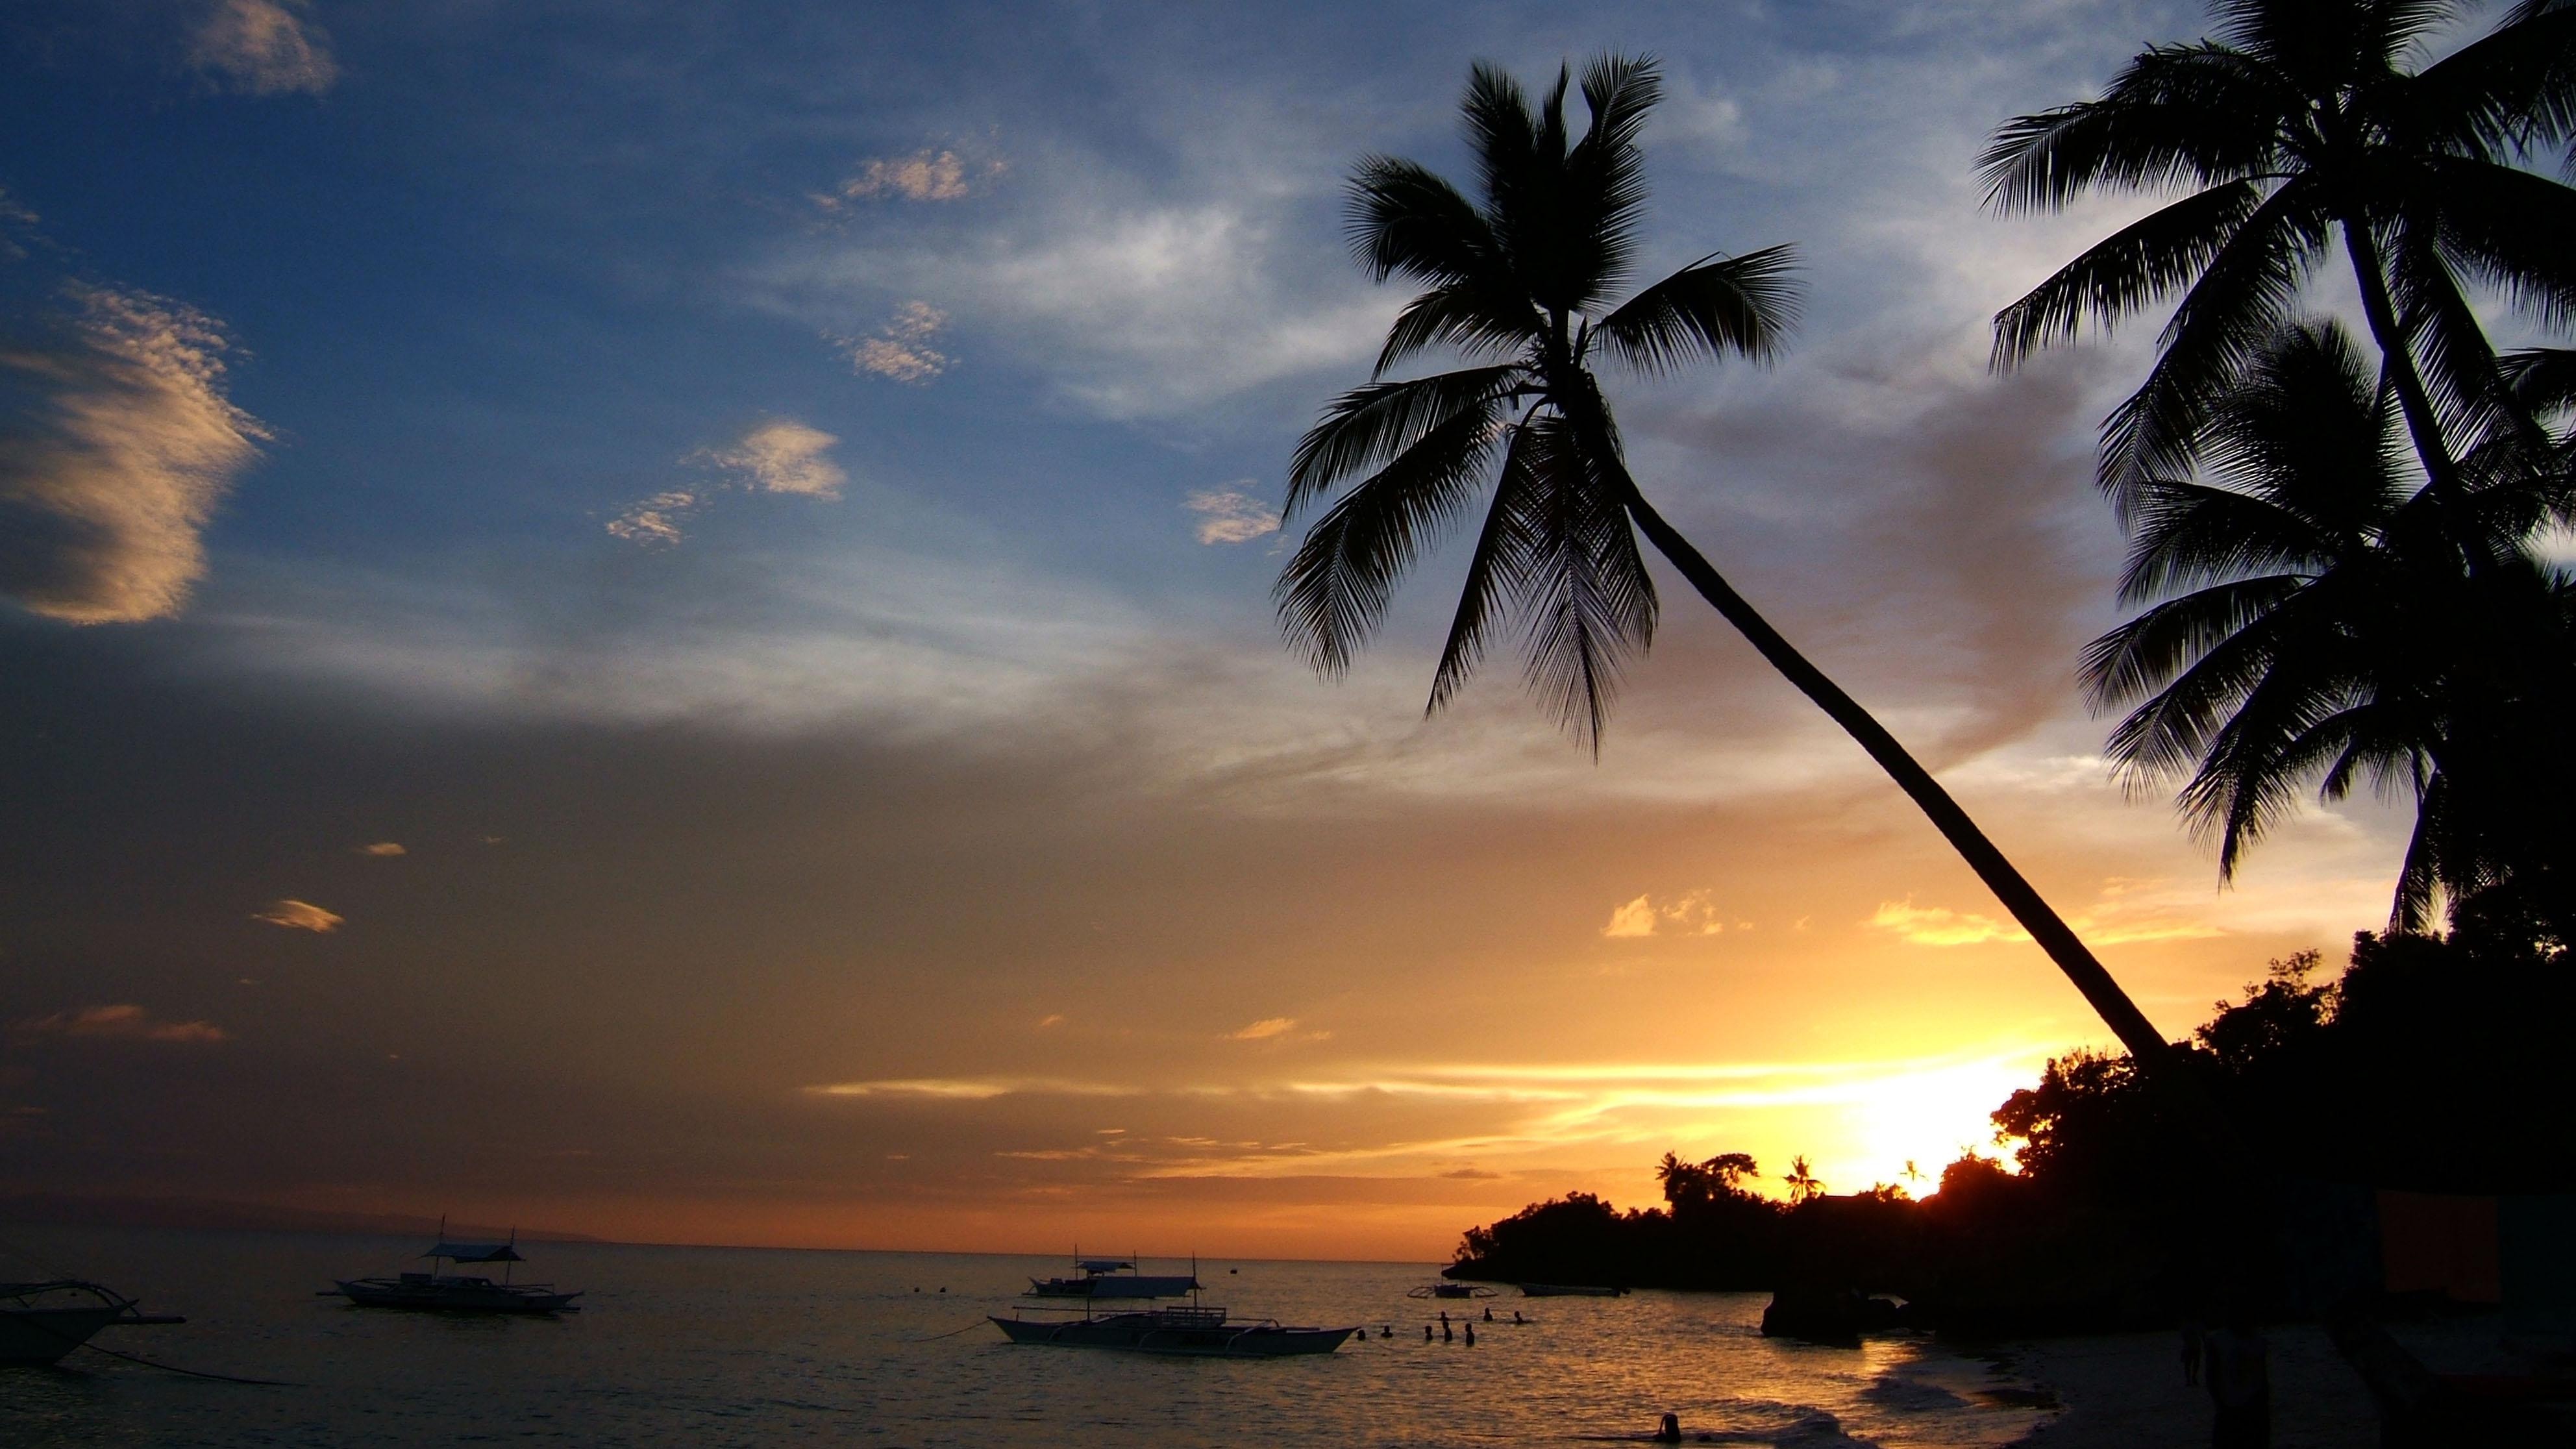 Sunset Philippines Cebu Bahoal 02